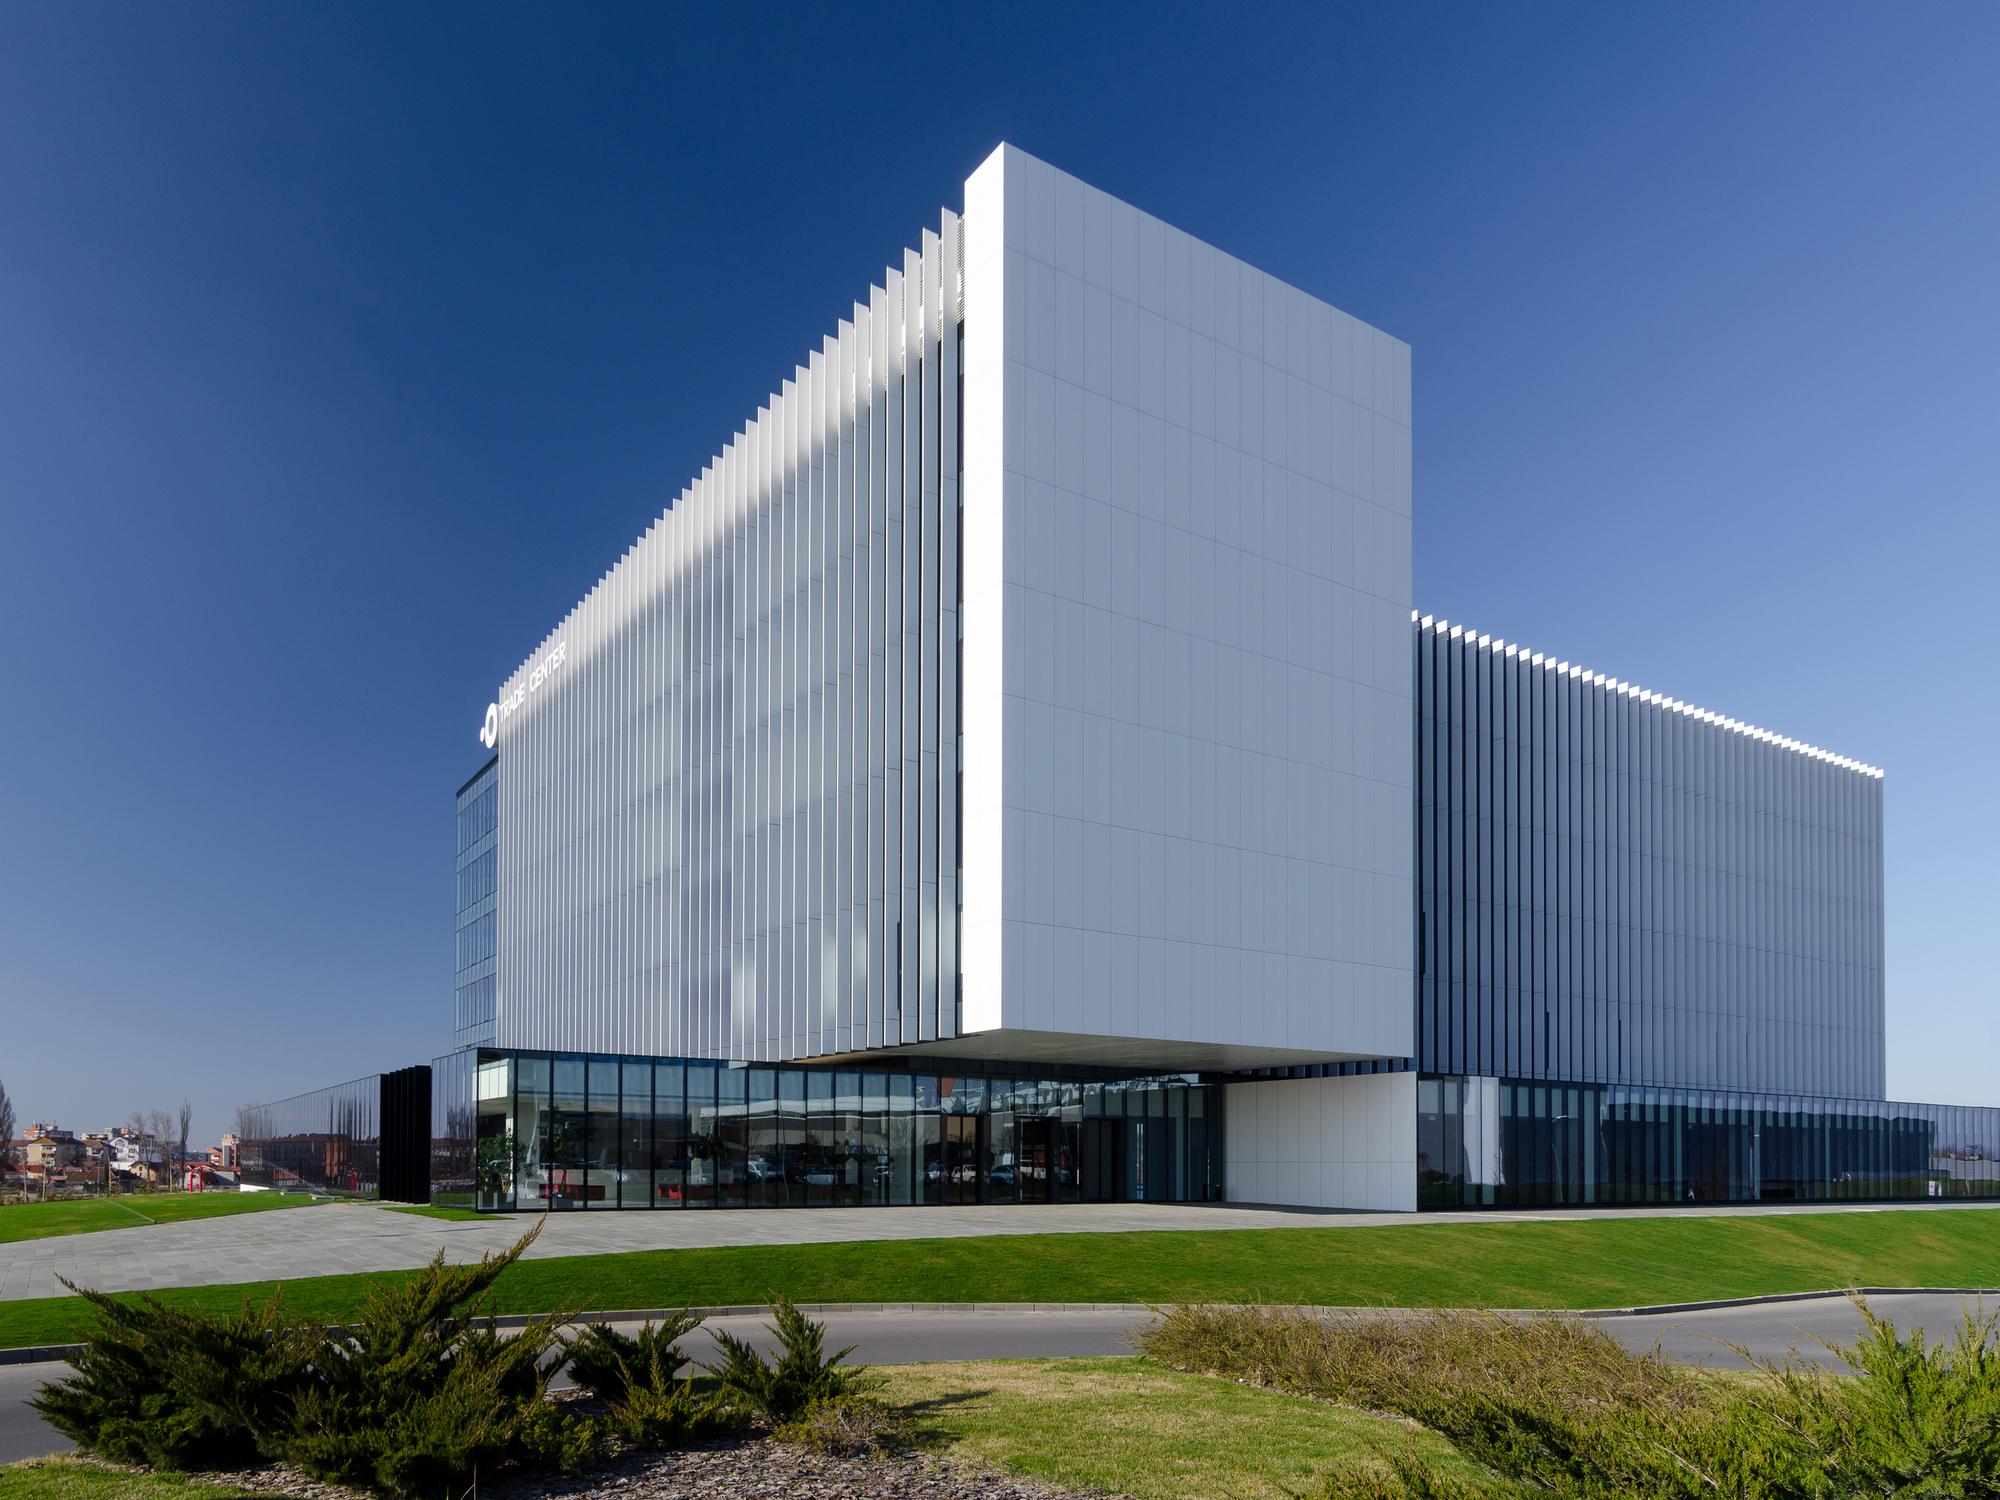 Centro de Comercio Oradea / DE3 Group